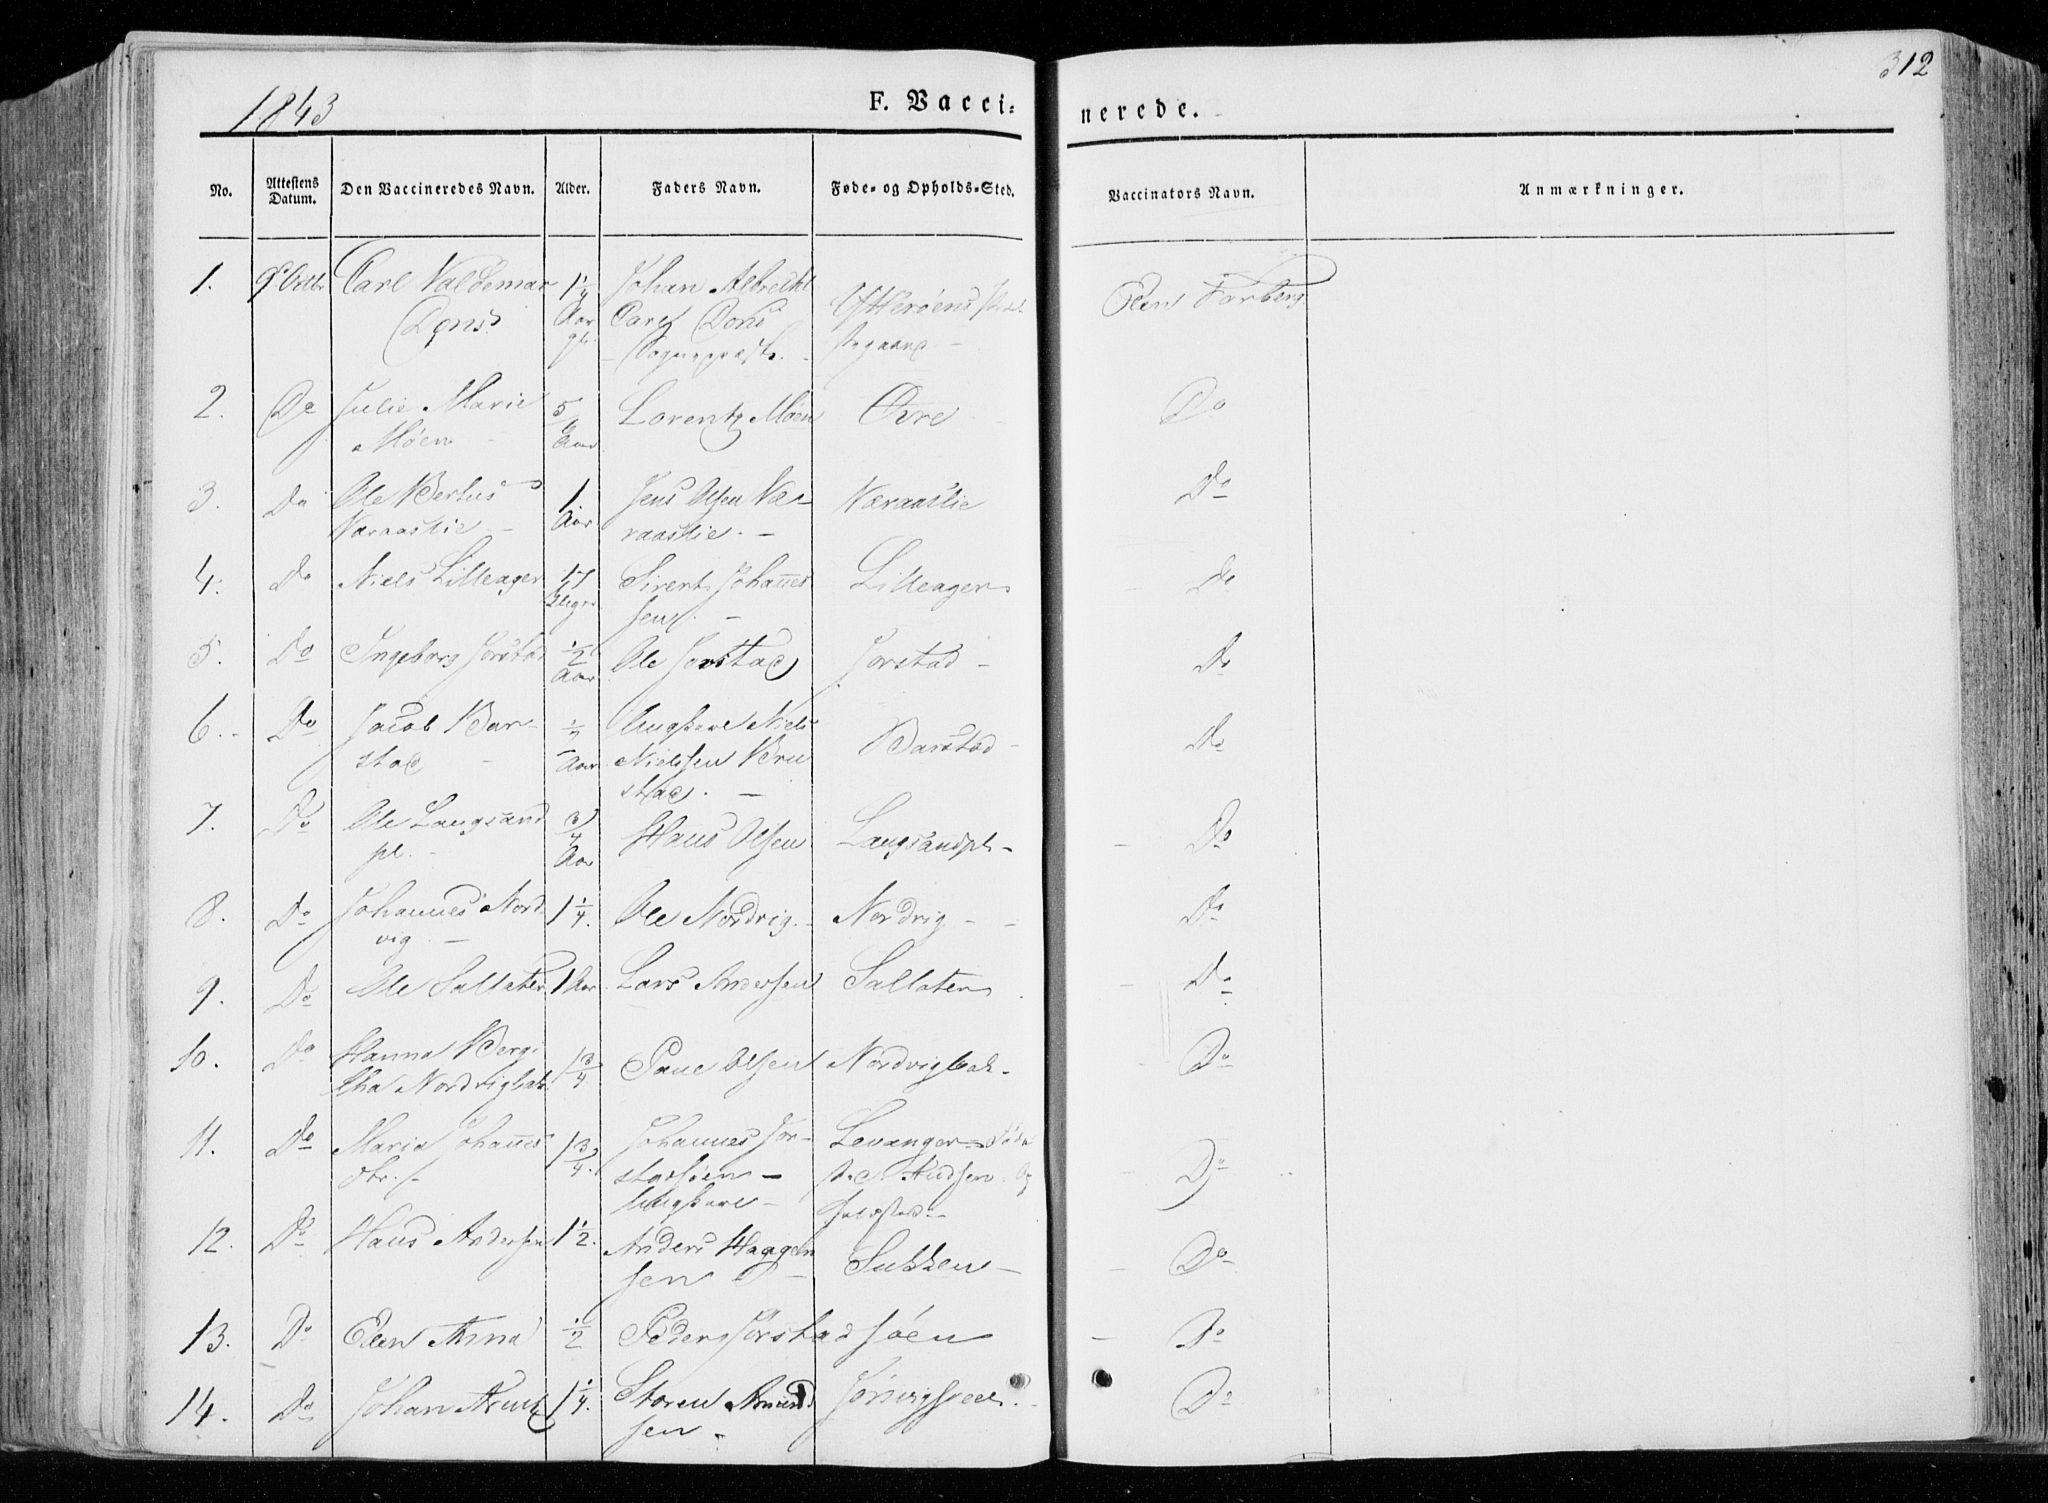 SAT, Ministerialprotokoller, klokkerbøker og fødselsregistre - Nord-Trøndelag, 722/L0218: Ministerialbok nr. 722A05, 1843-1868, s. 312